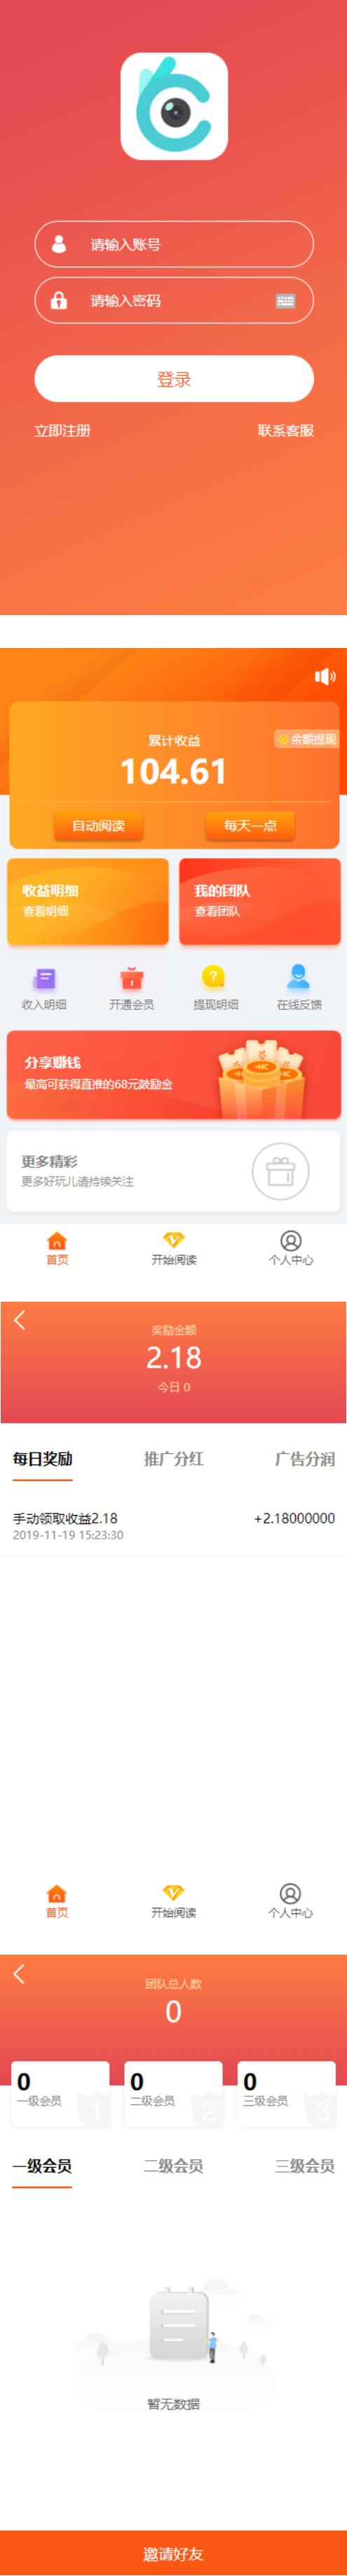 【自动阅读】橙色UI赚积分系统[3级团队]